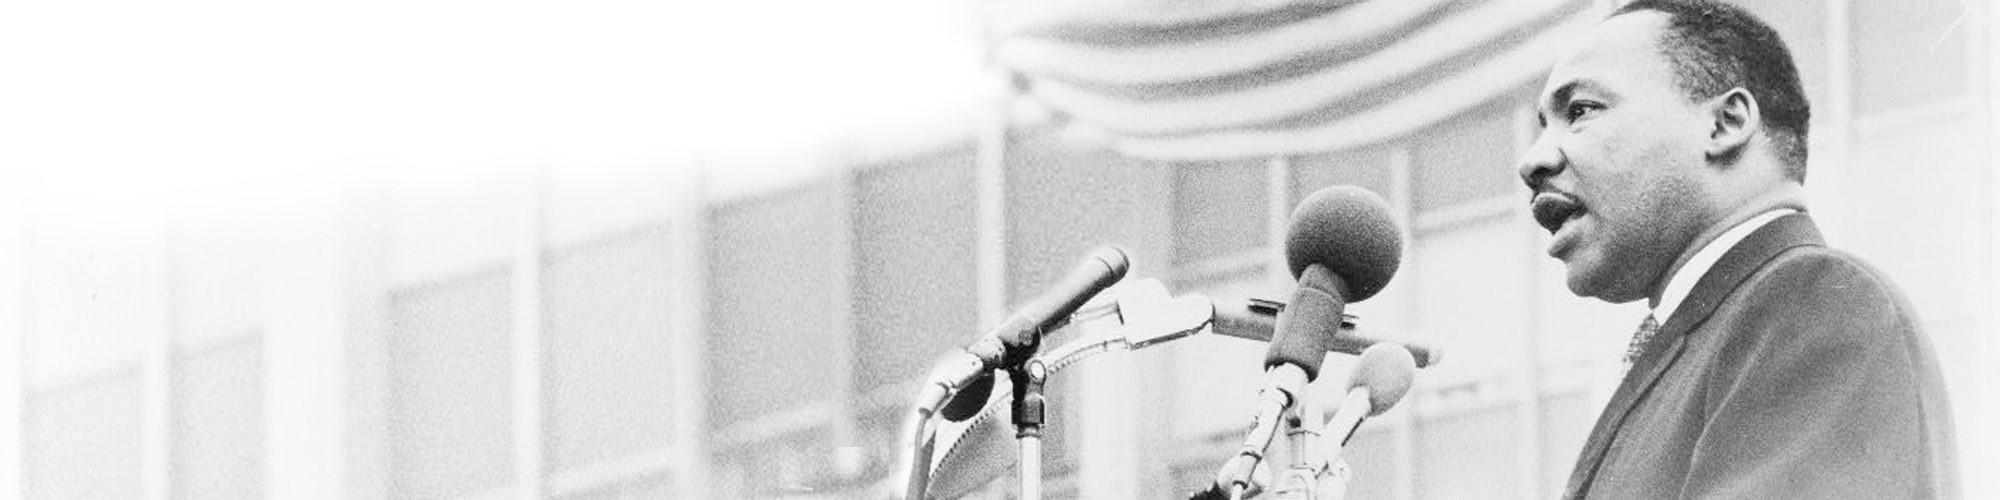 Dr. King speaking at a podium